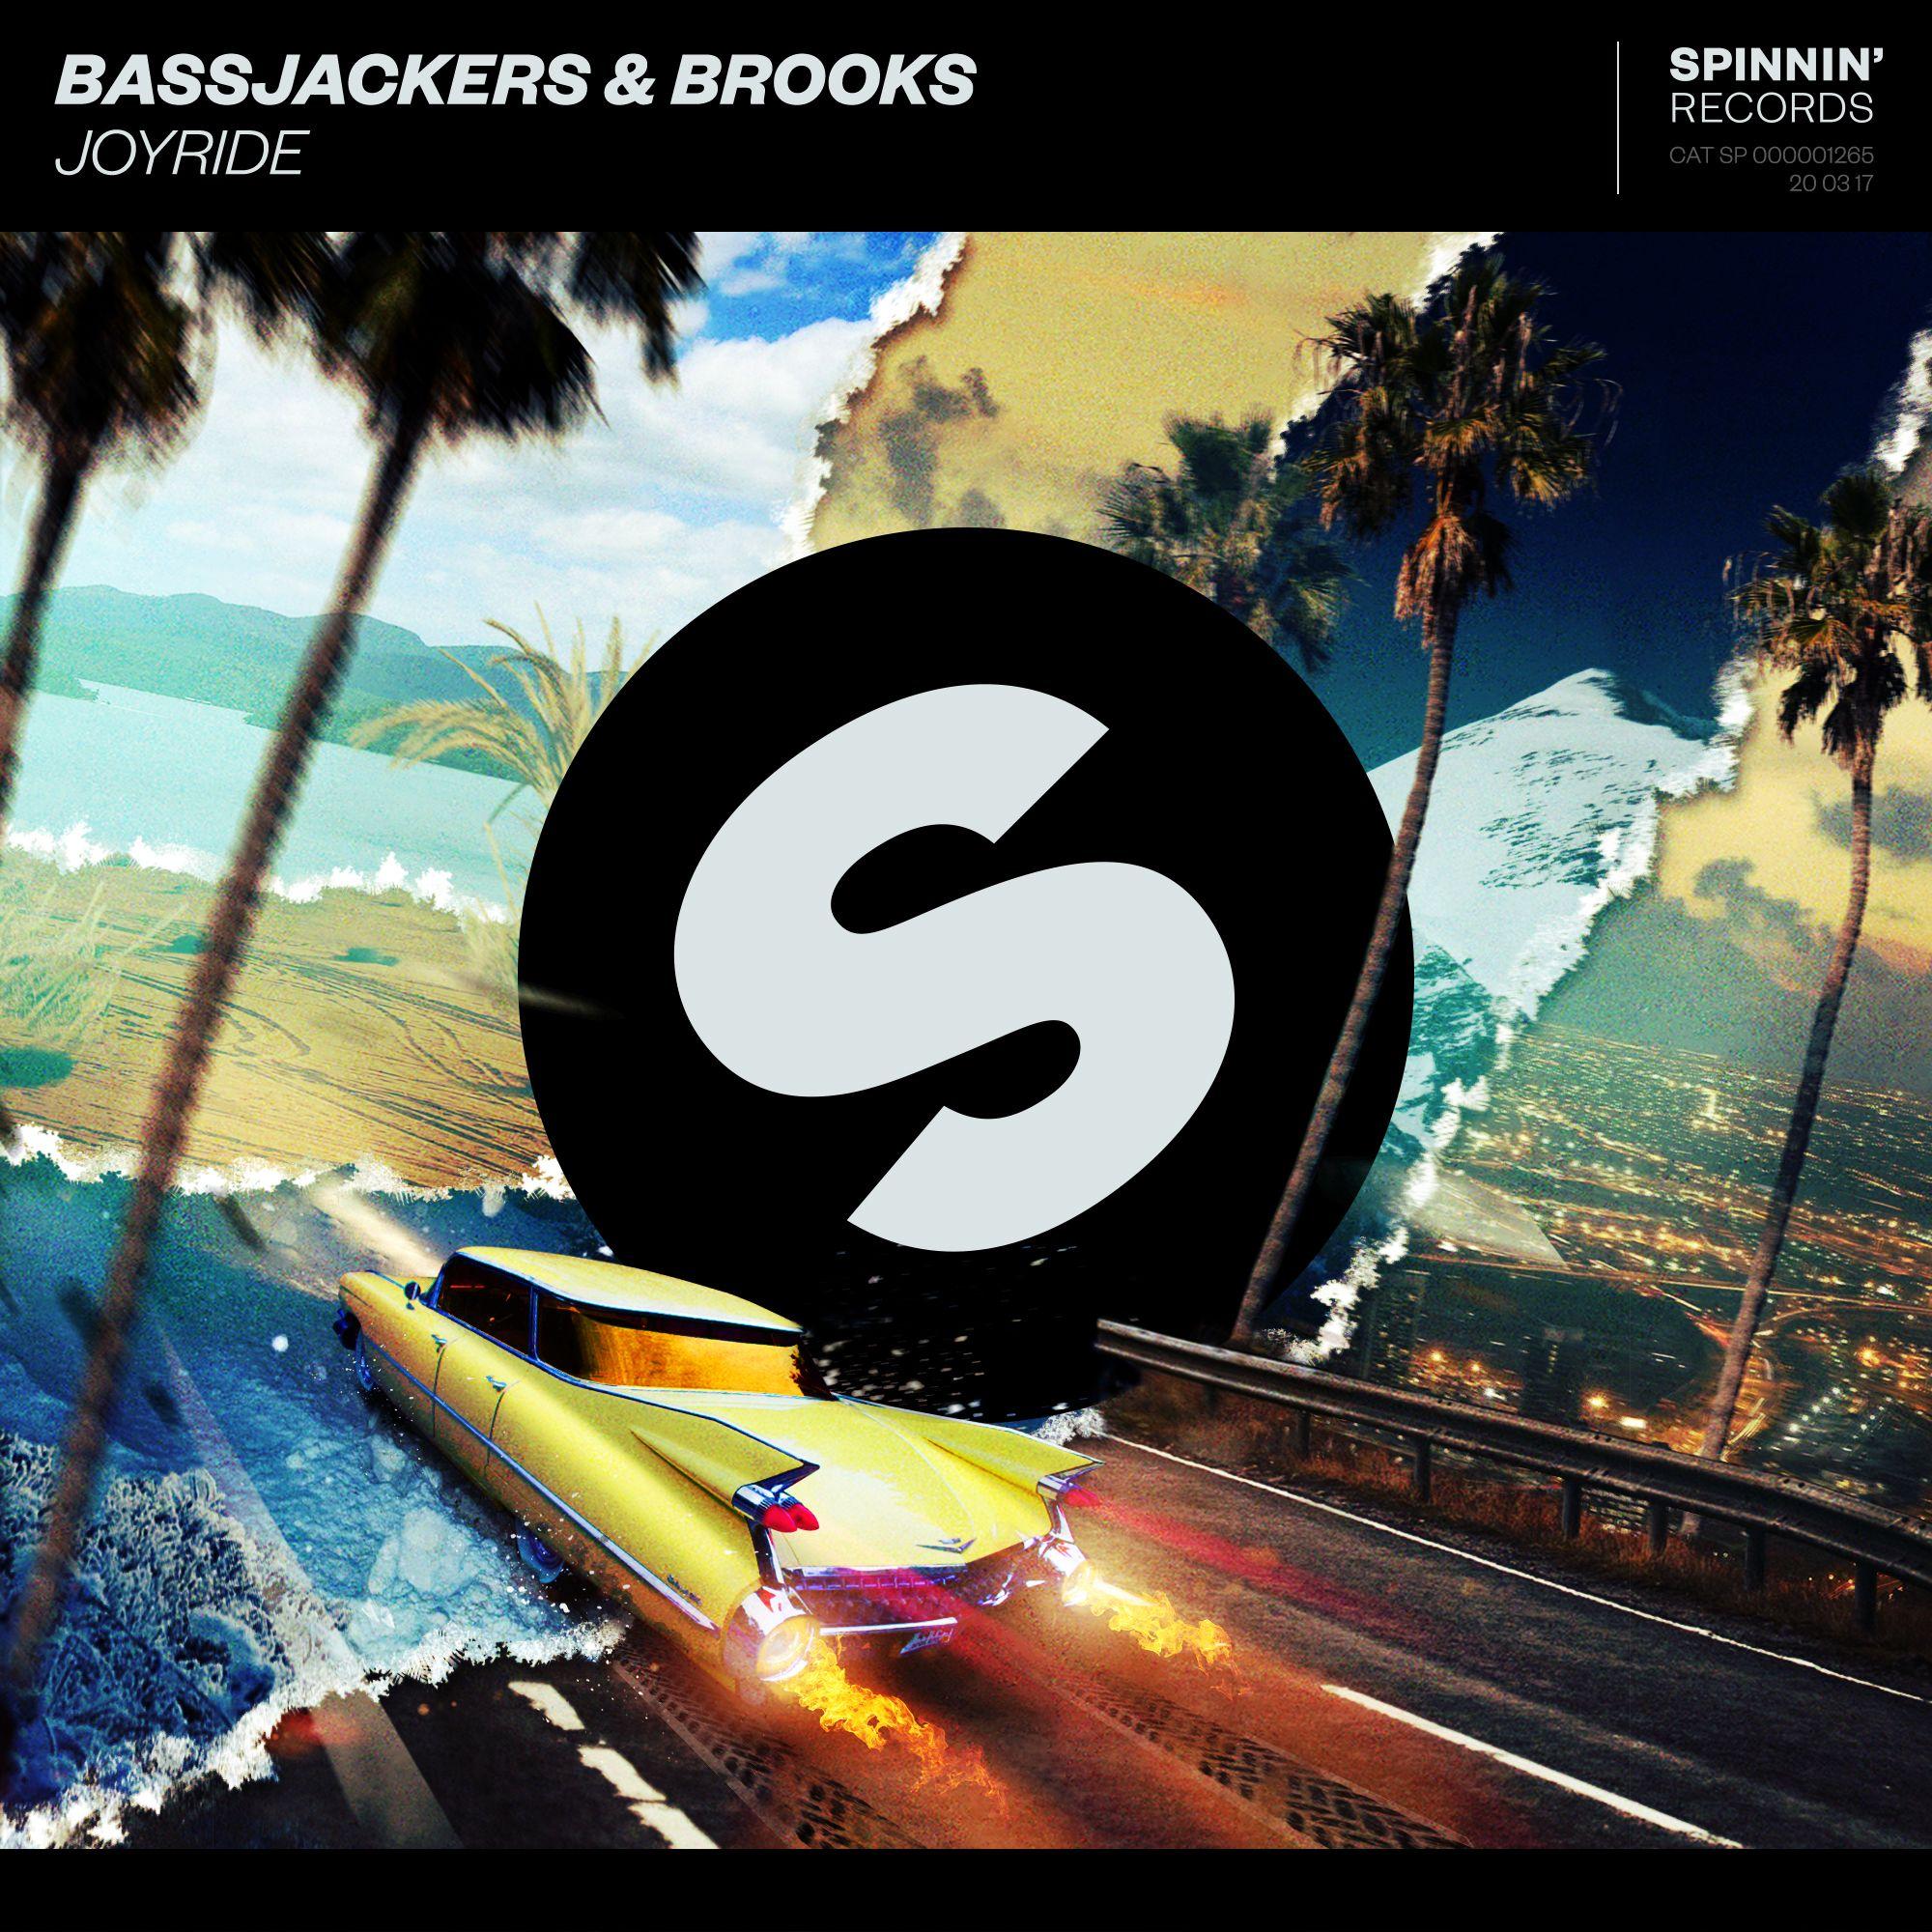 bassjackersbrooks_joyride_artwork.jpg